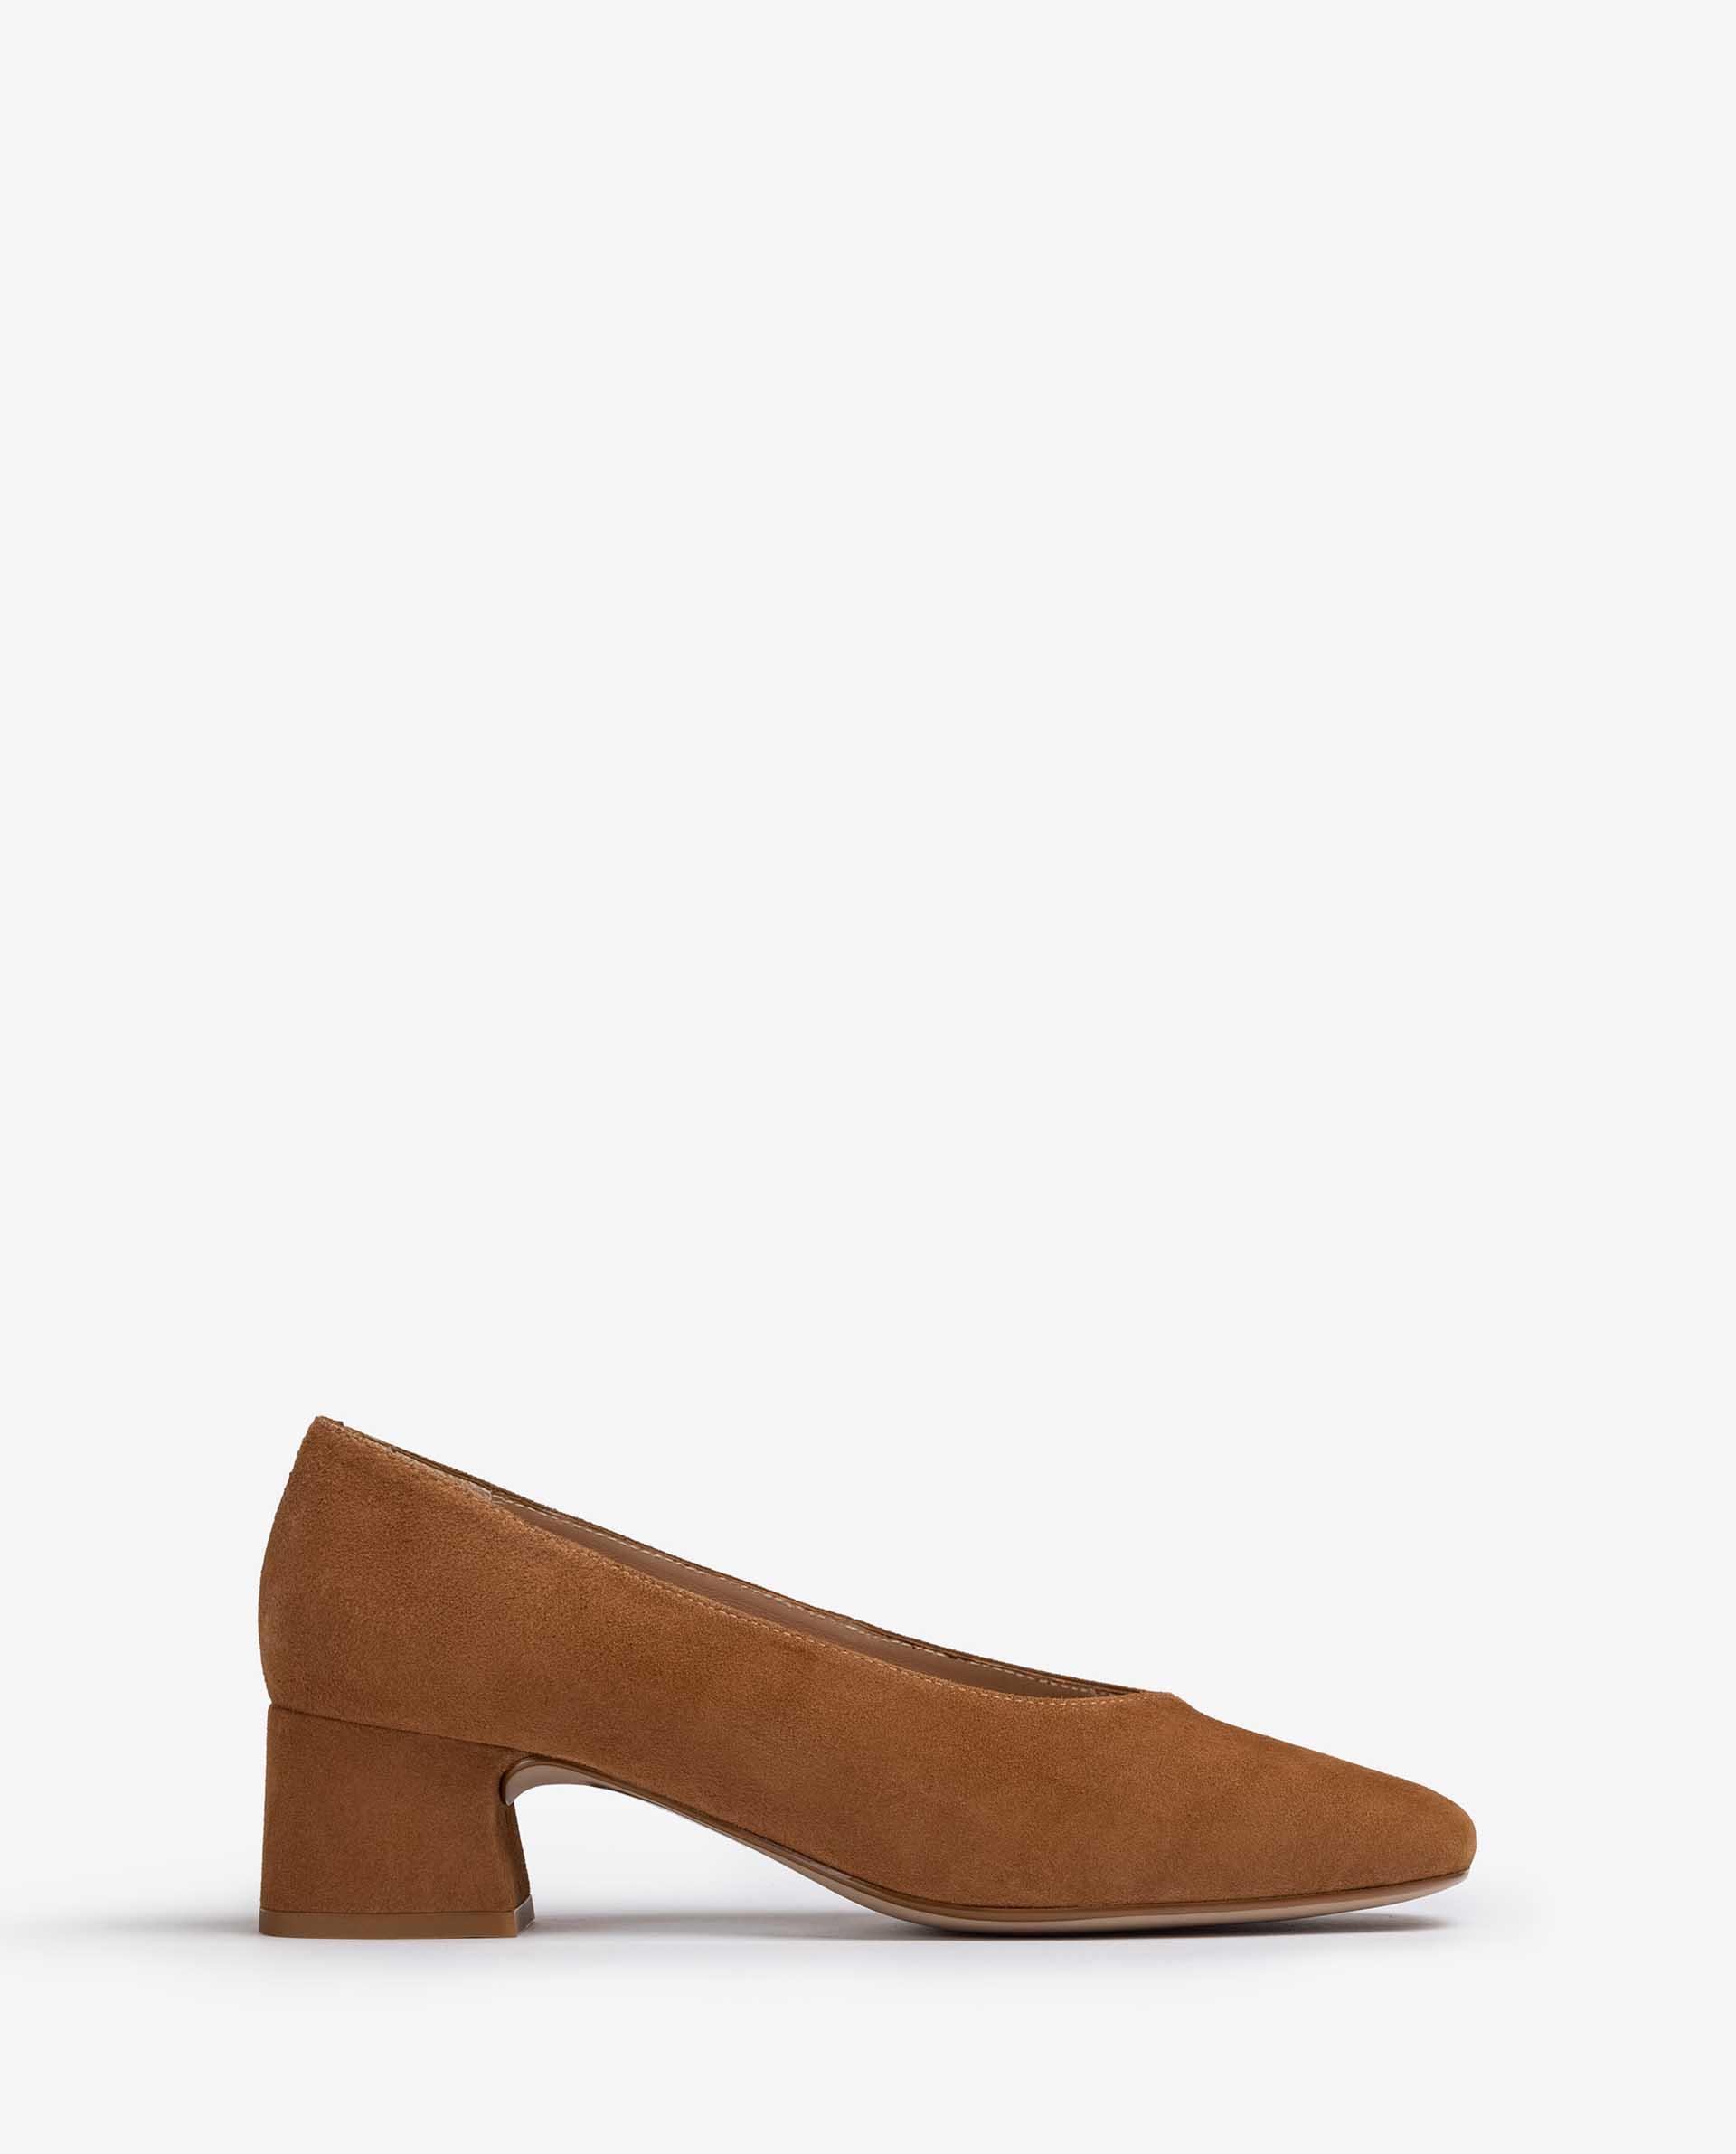 Unisa Zapatos de salón LEIA_F21_KS cobnut